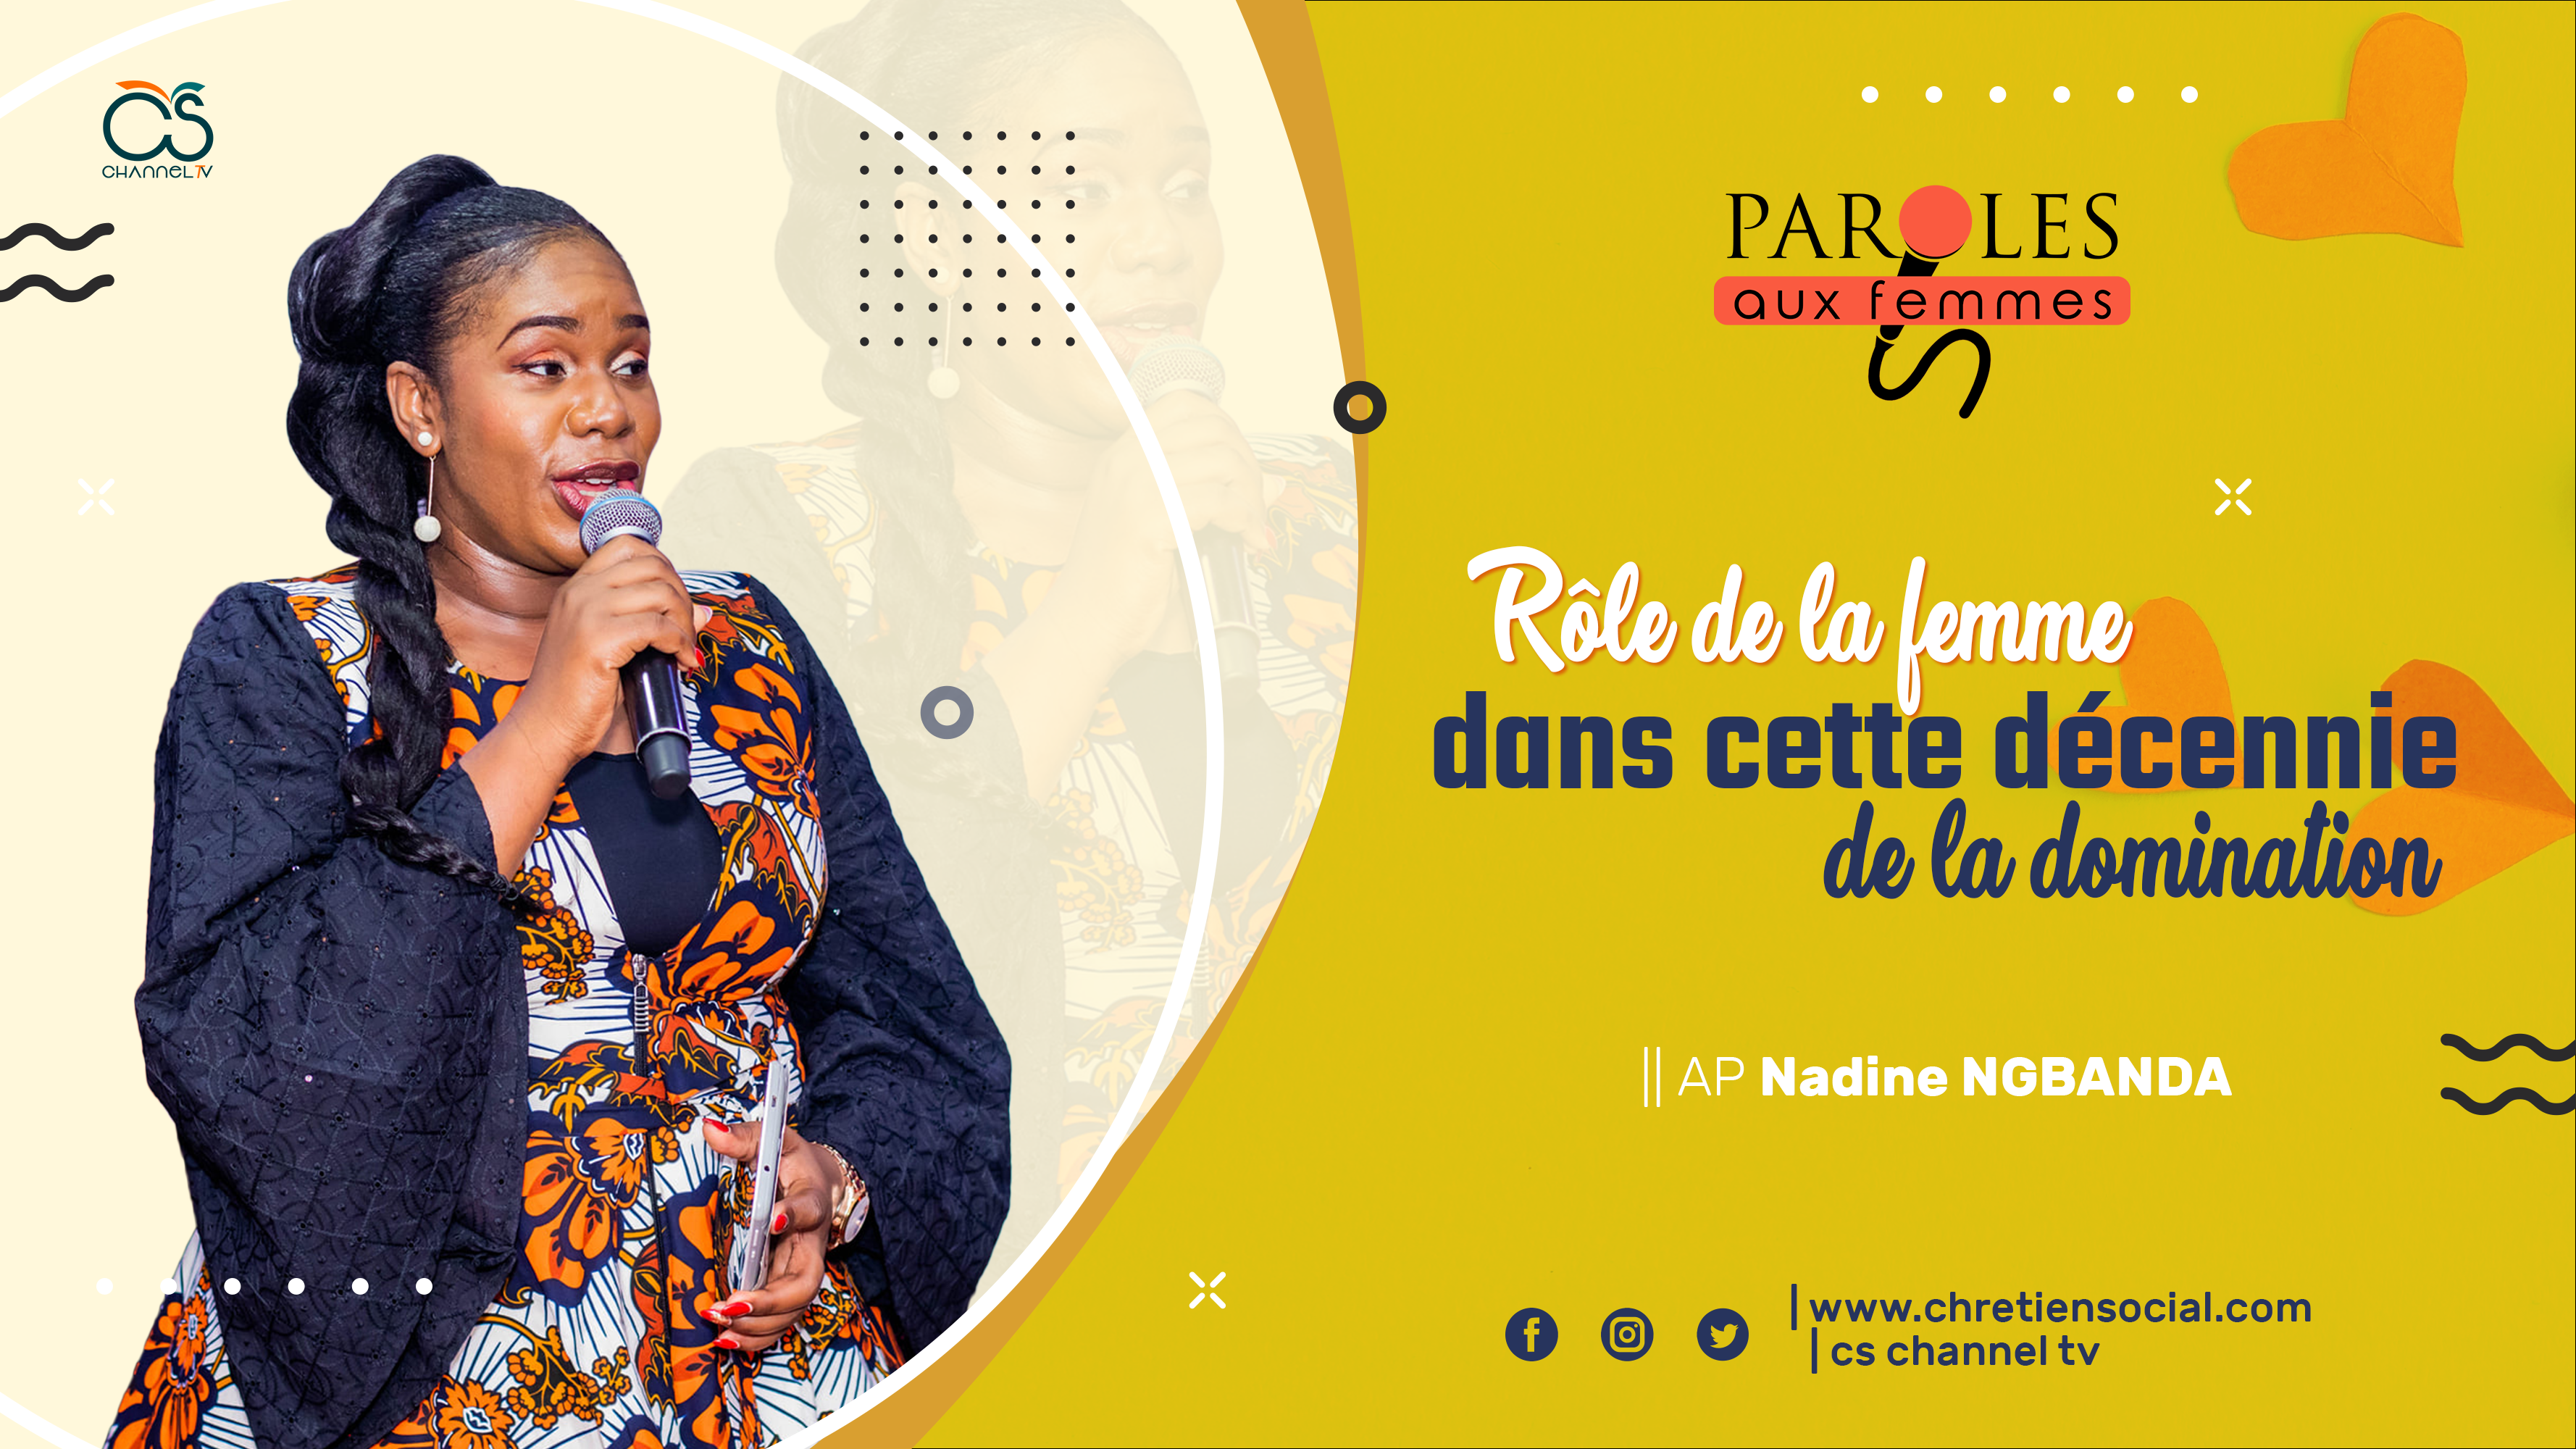 Parole aux femmes - Maman Nadine NGBANDA